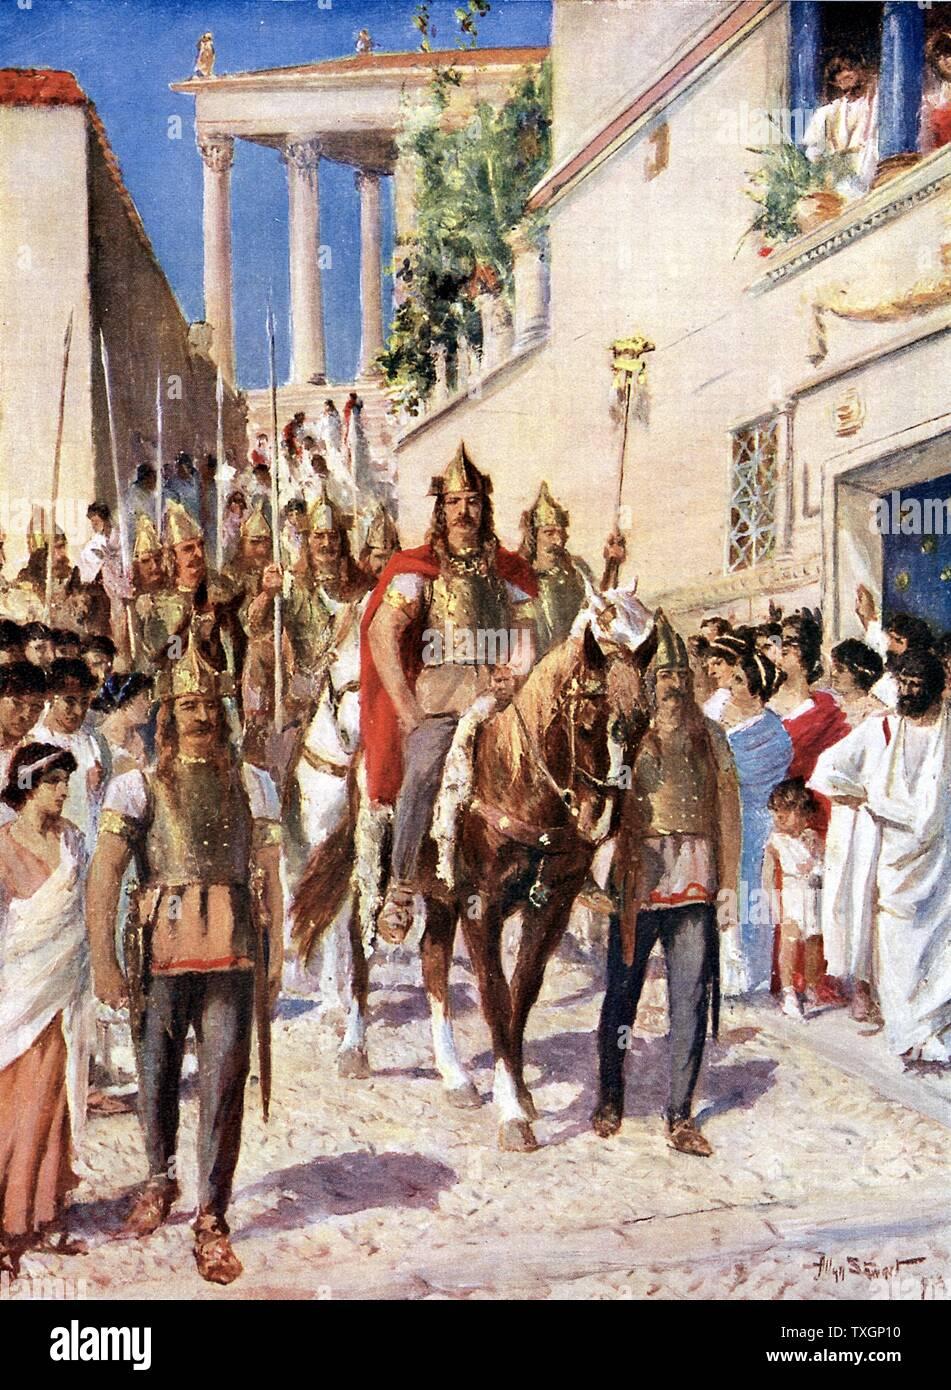 Alaric I (c370-410), roi de Wisigoths de 495, entrant dans Athènes 395. Chef de groupes auxiliaires de Théodose Ier, empereur de l'Est. c.1920. L'illustration, la couleur Photo Stock